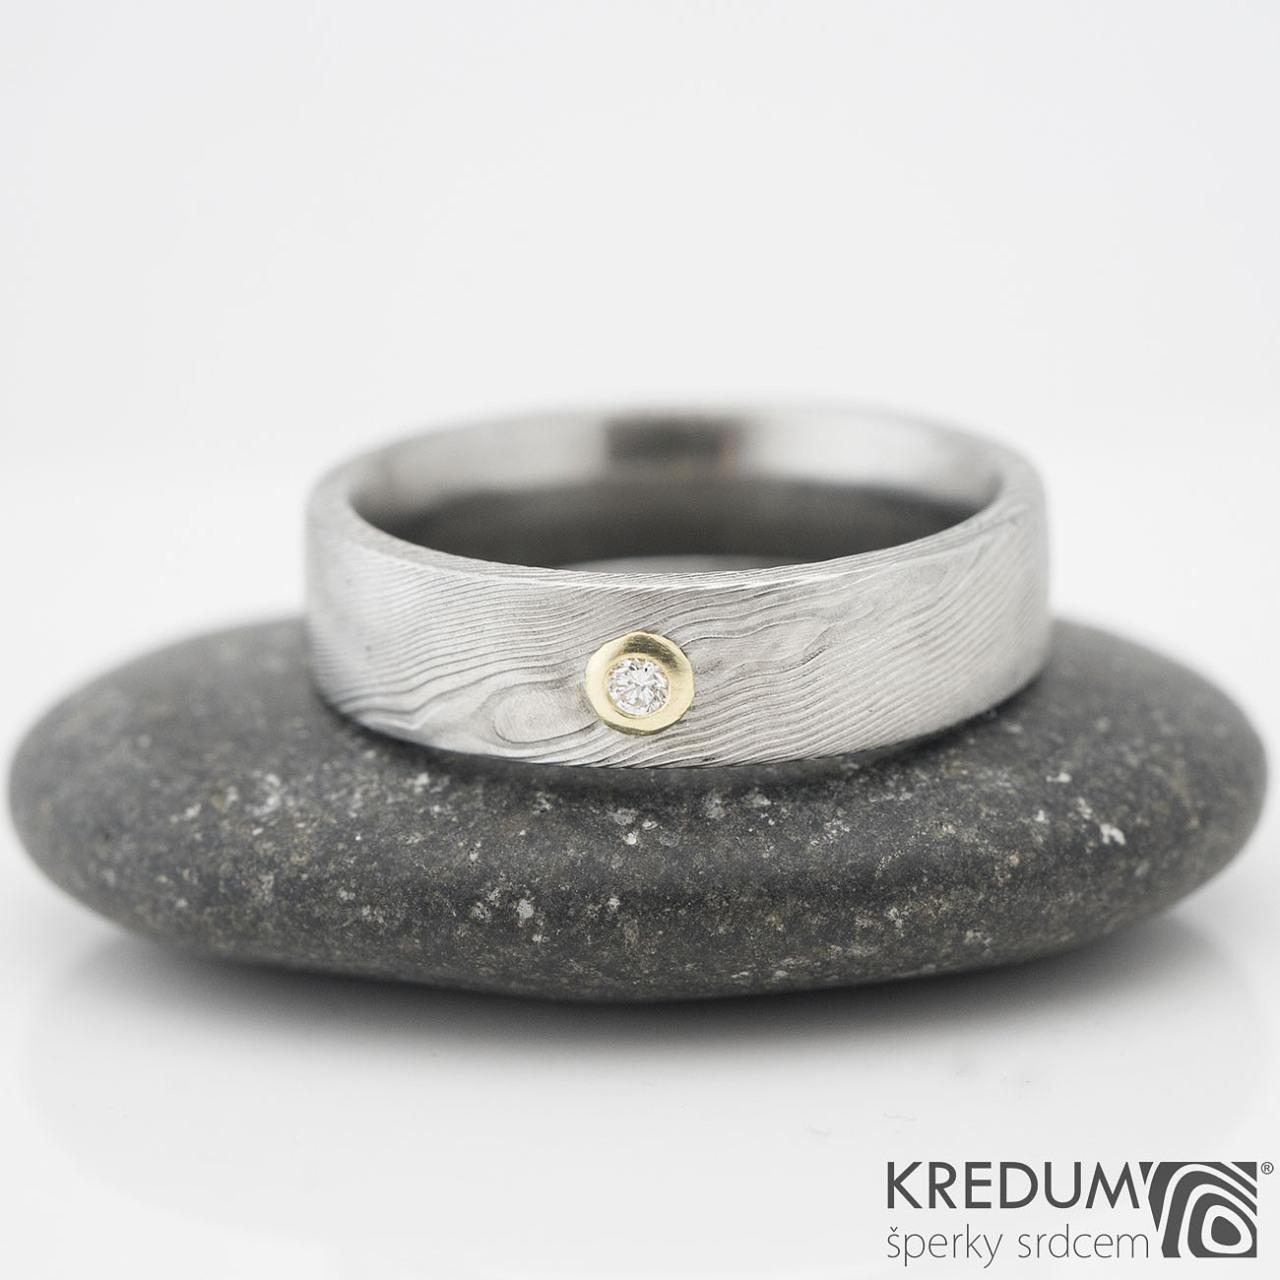 Prima A Diamant 1 7 Ve Zlate Struktura Drevo Snubni Prsten